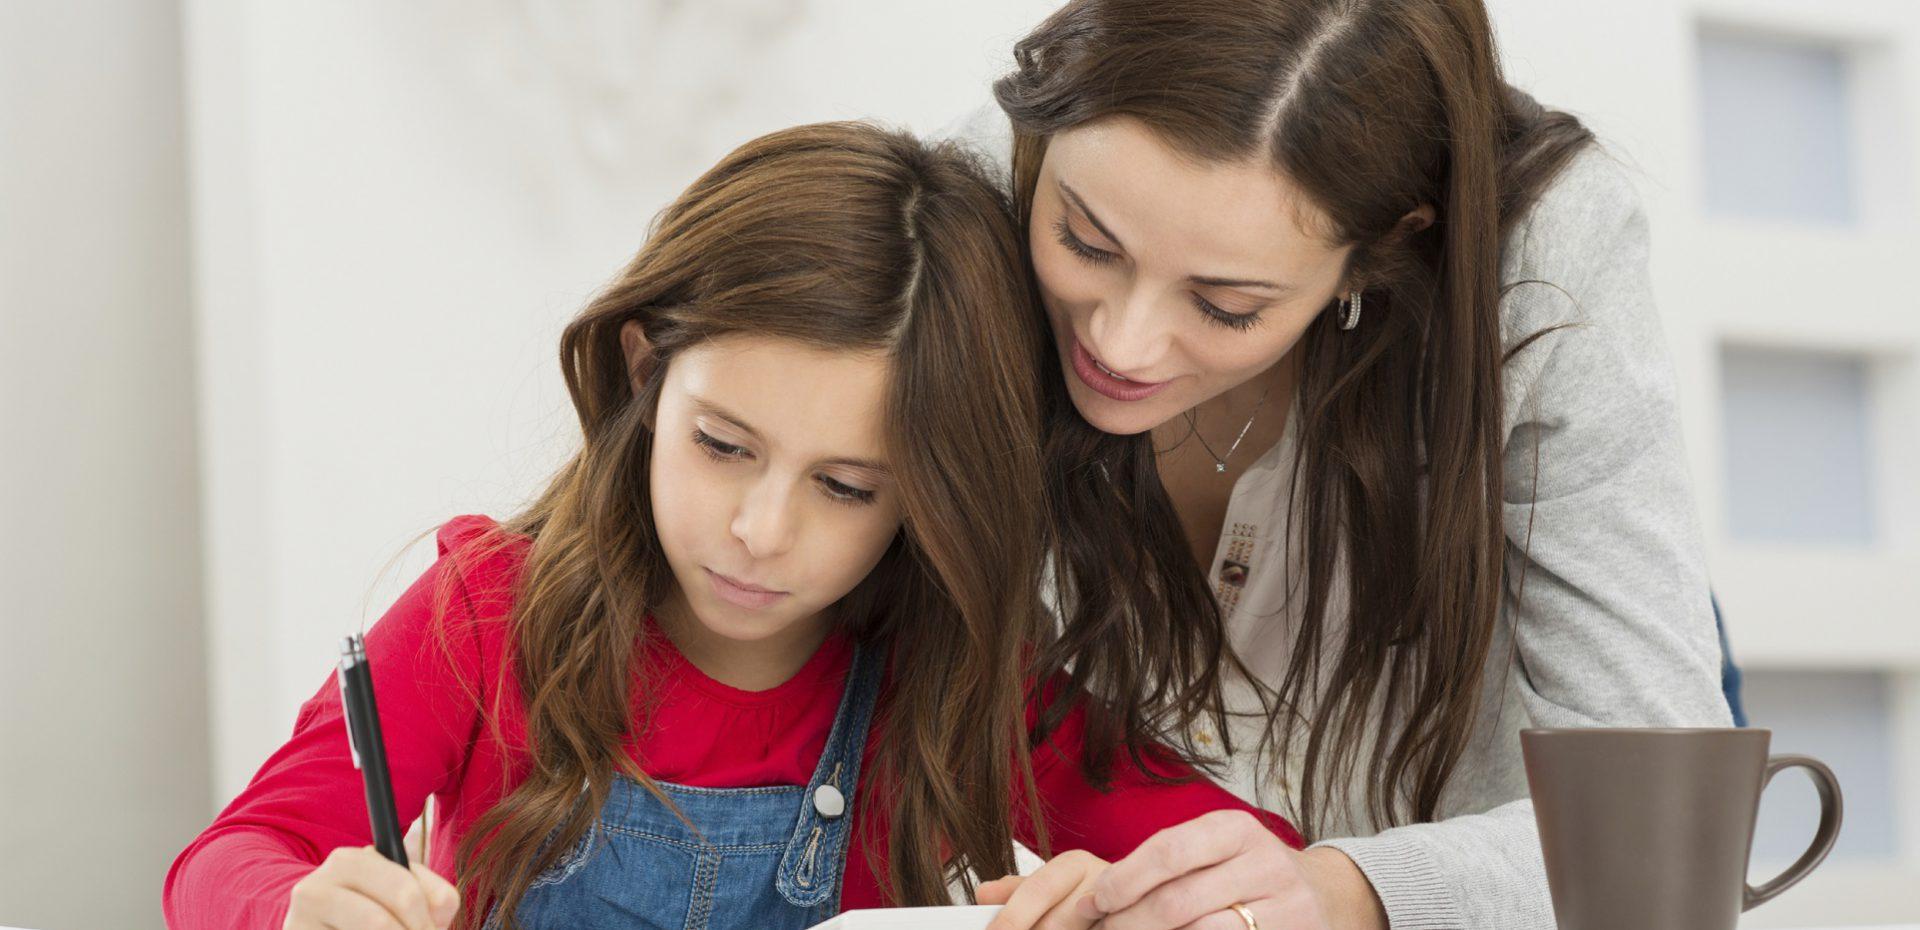 ویروس کرونا؛ نقش والدین در جلوگیری از افت تحصیلی دان آموزان جدی باید گرفته شود